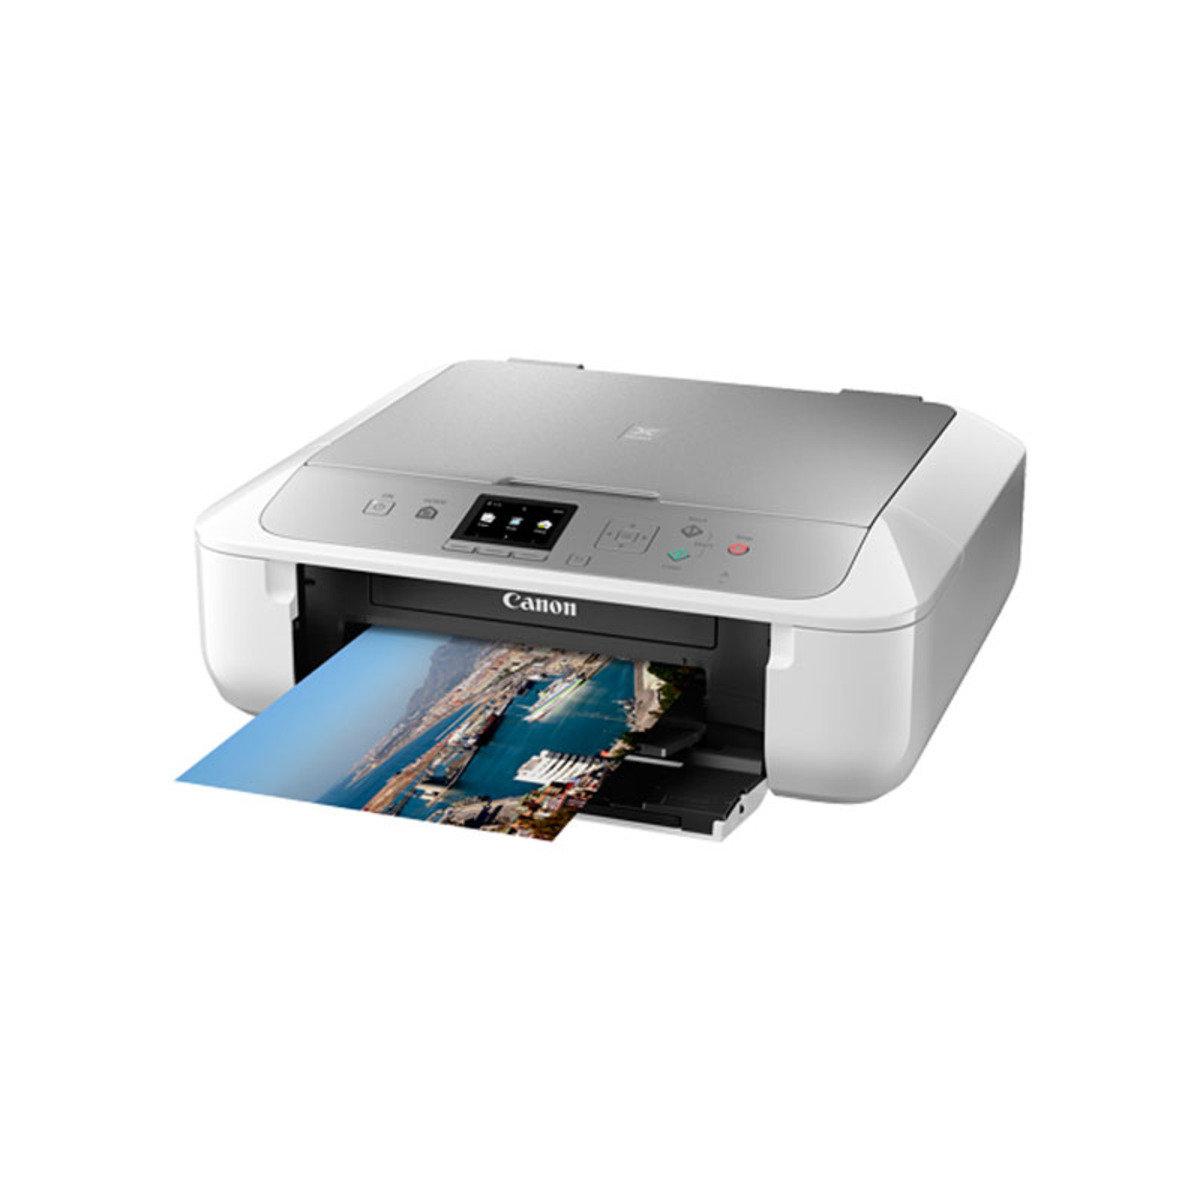 彩色打印 掃瞄 影印 多合一噴墨相片打印機 MG5770 銀色